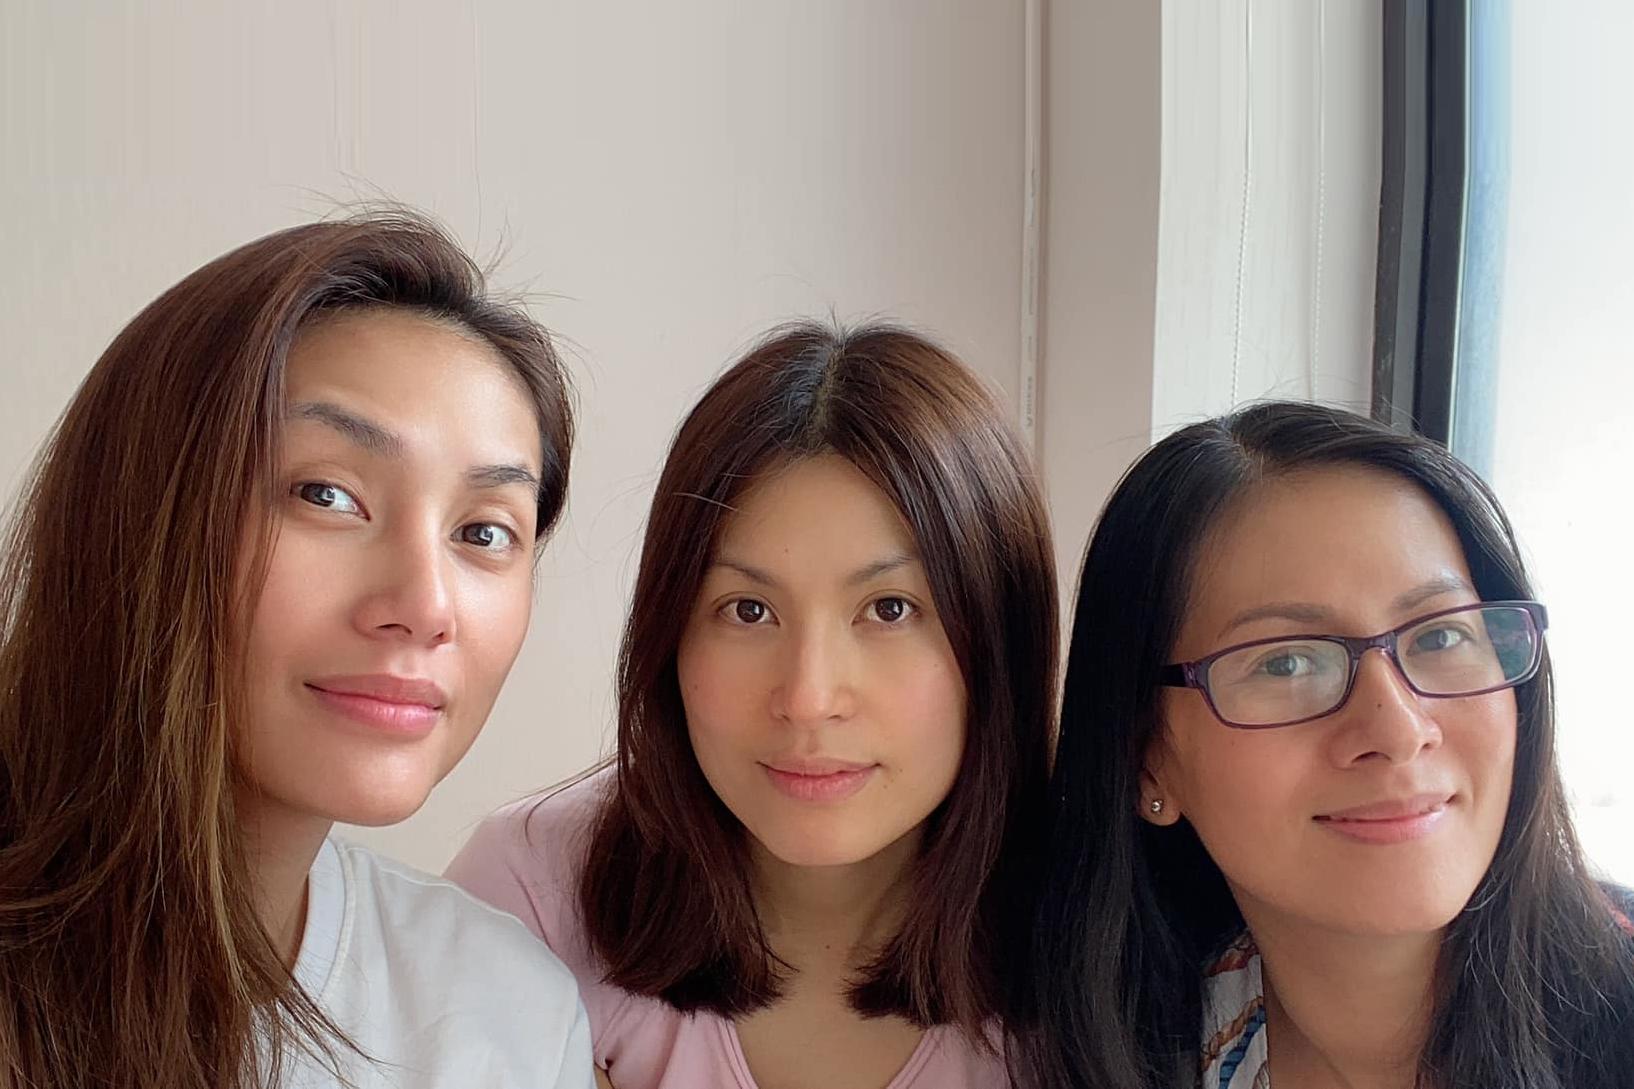 Ba chị em nhà Võ Hoàng Yến đều có sự nghiệp thành đạt, hạnh phúc riêng và luôn yêu thương, gắn bó.